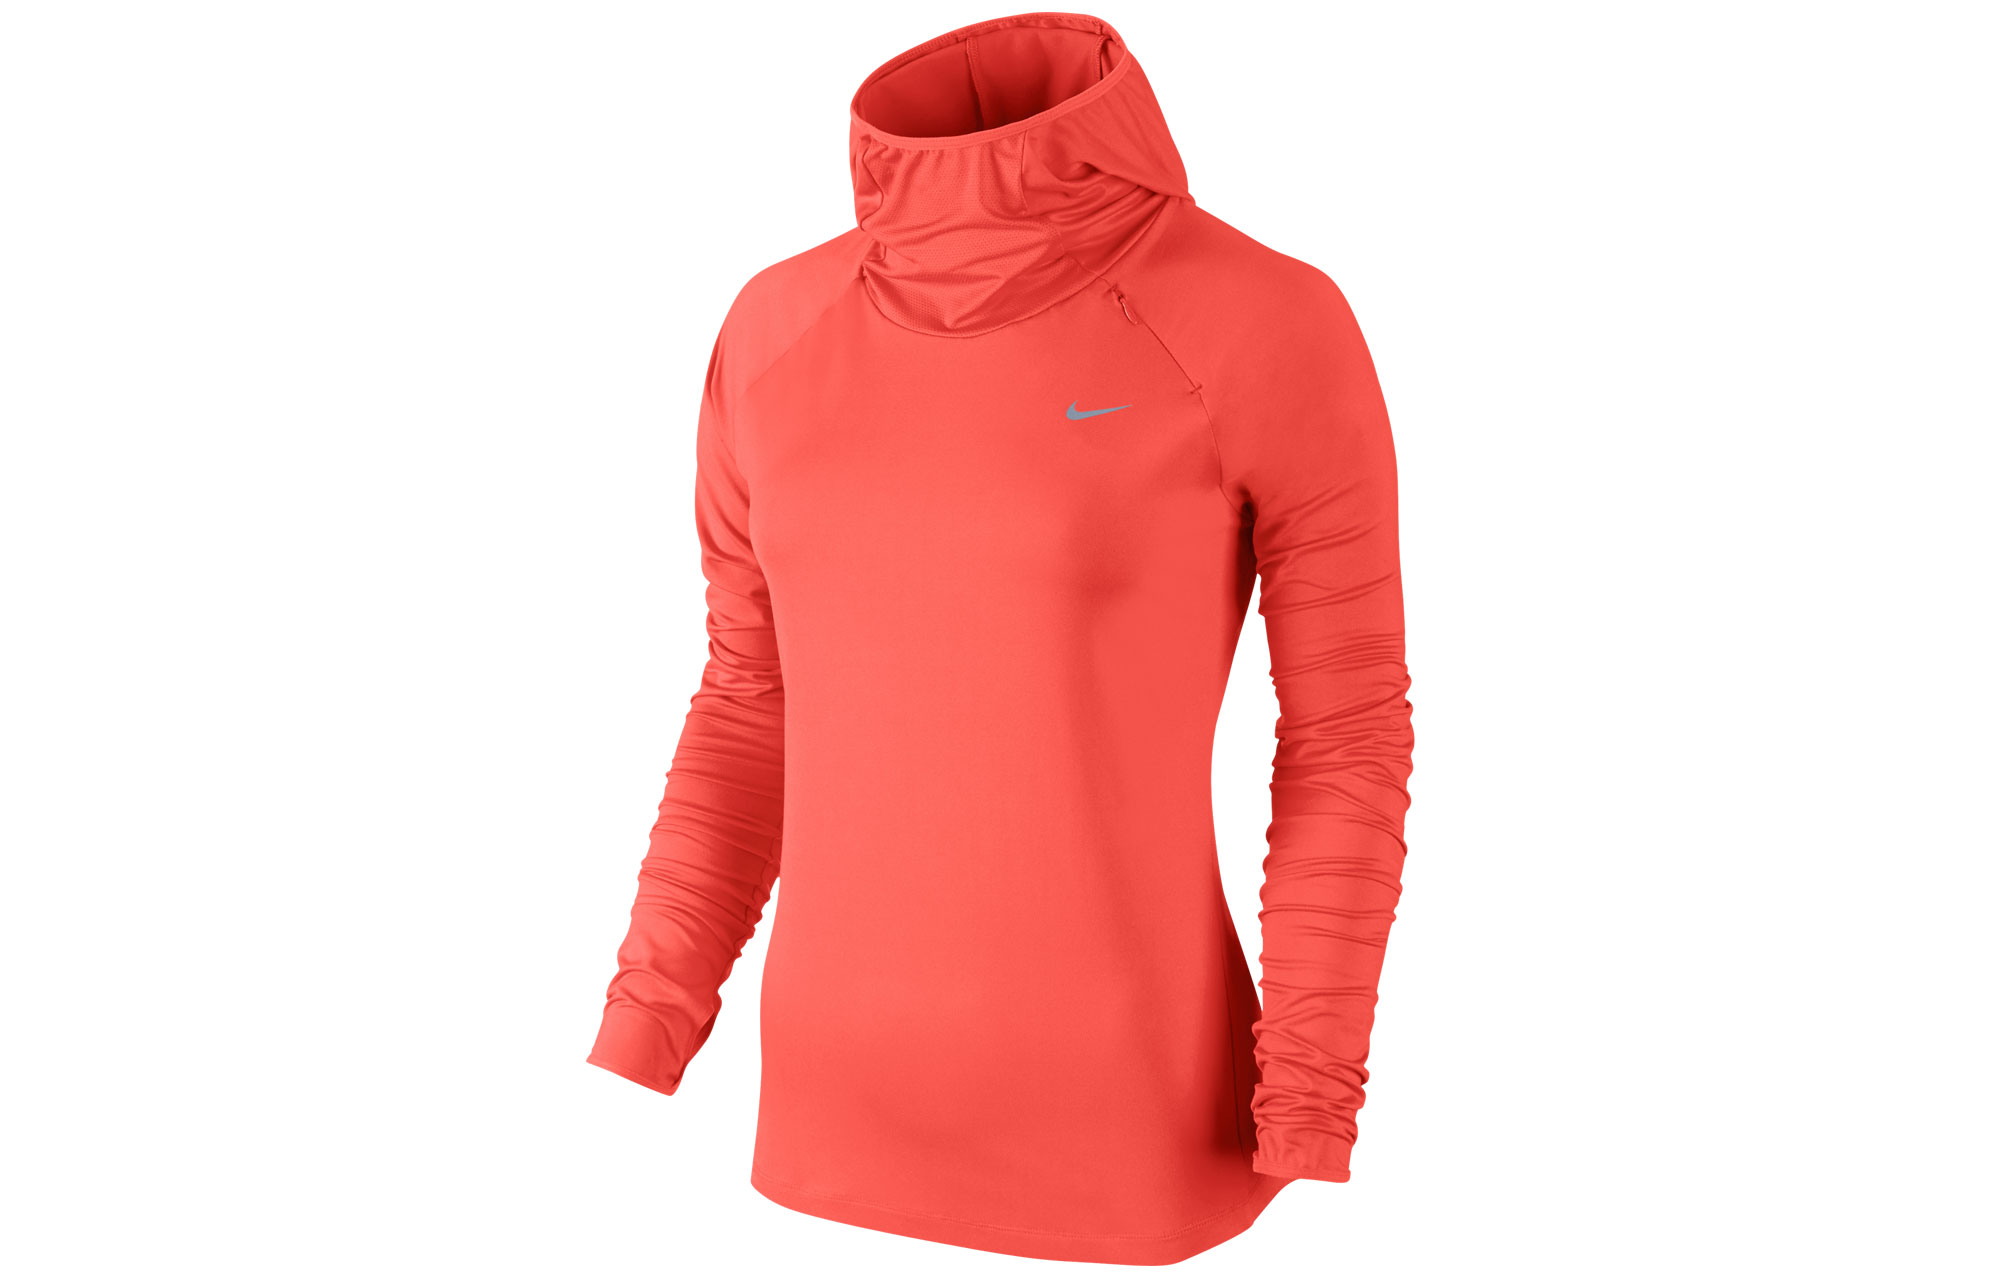 89827a8ac32a6 NIKE Sweat à capuche ELEMENT Orange Femme   Alltricks.fr